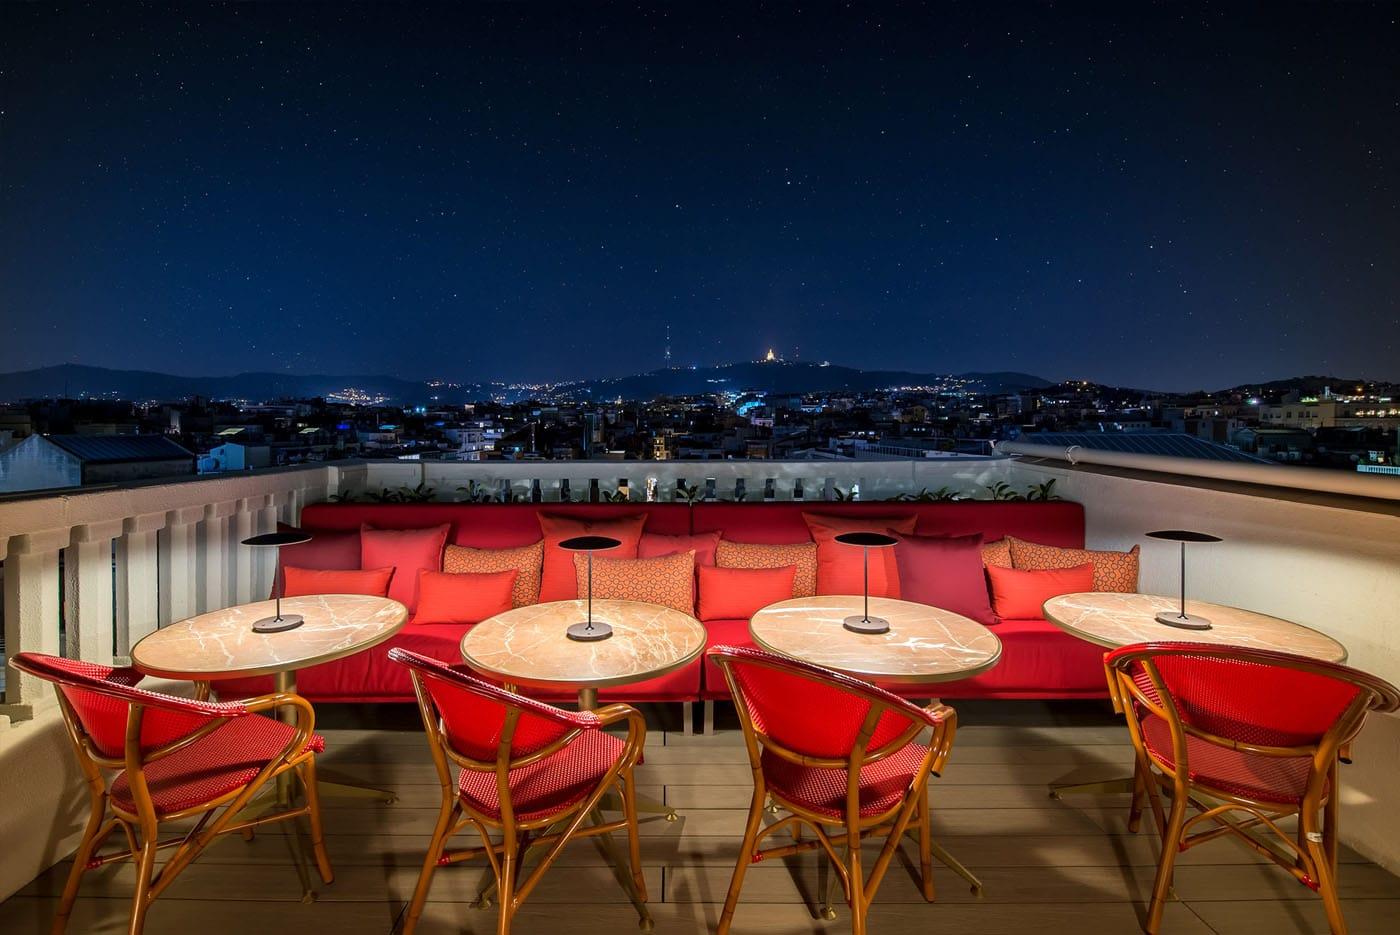 hotel-vincci-mae-adolfo-gosalvez-hoteles-panoramicos